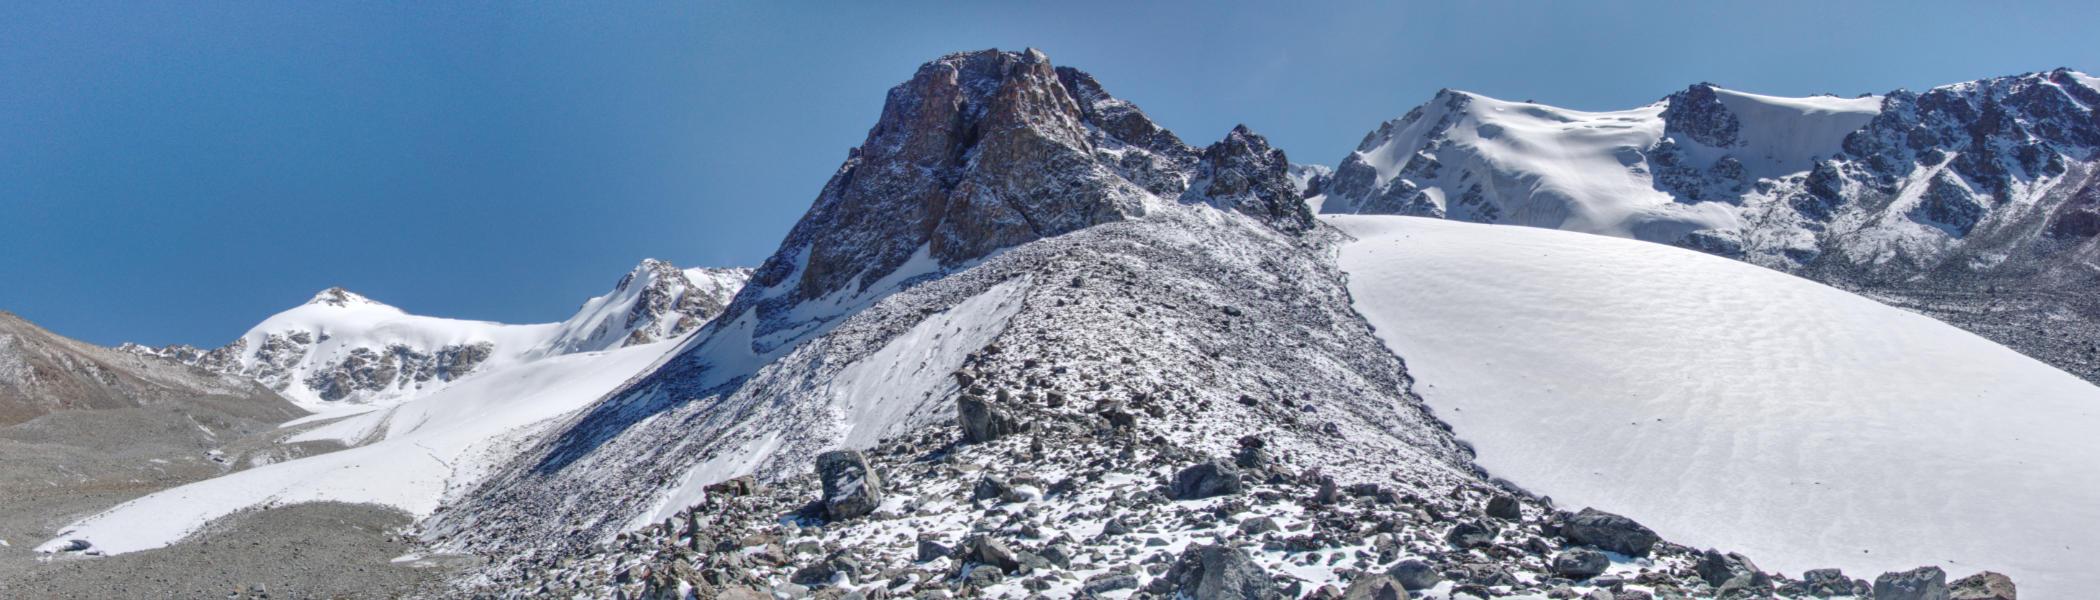 Нижняя часть ледника Пальгова